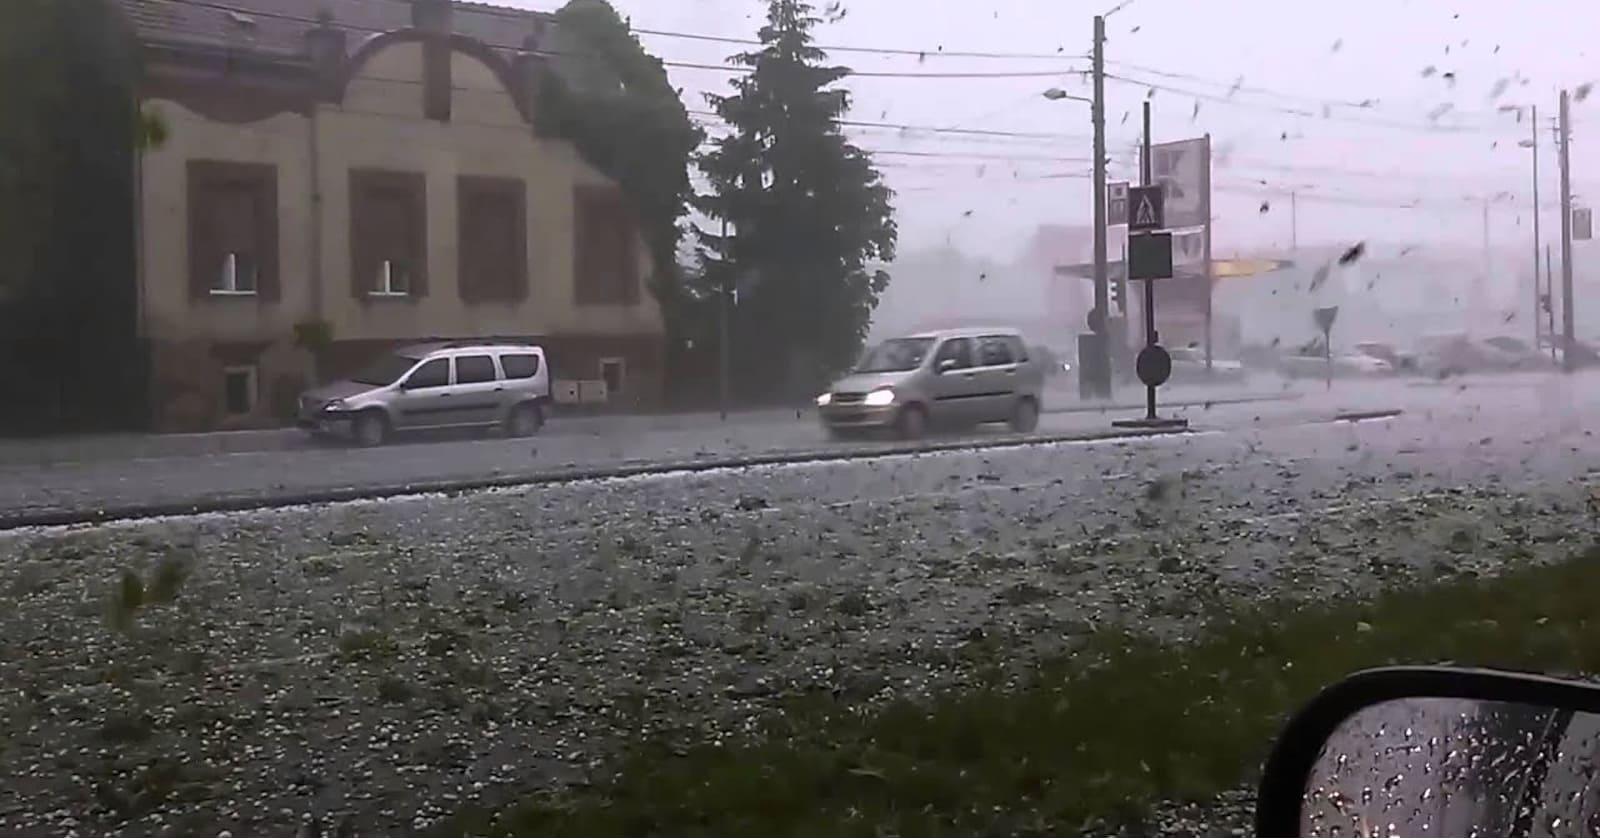 https://ziarul.romania-rationala.ro/control/articole/articole/imparte-doamne-ploaia.jpg